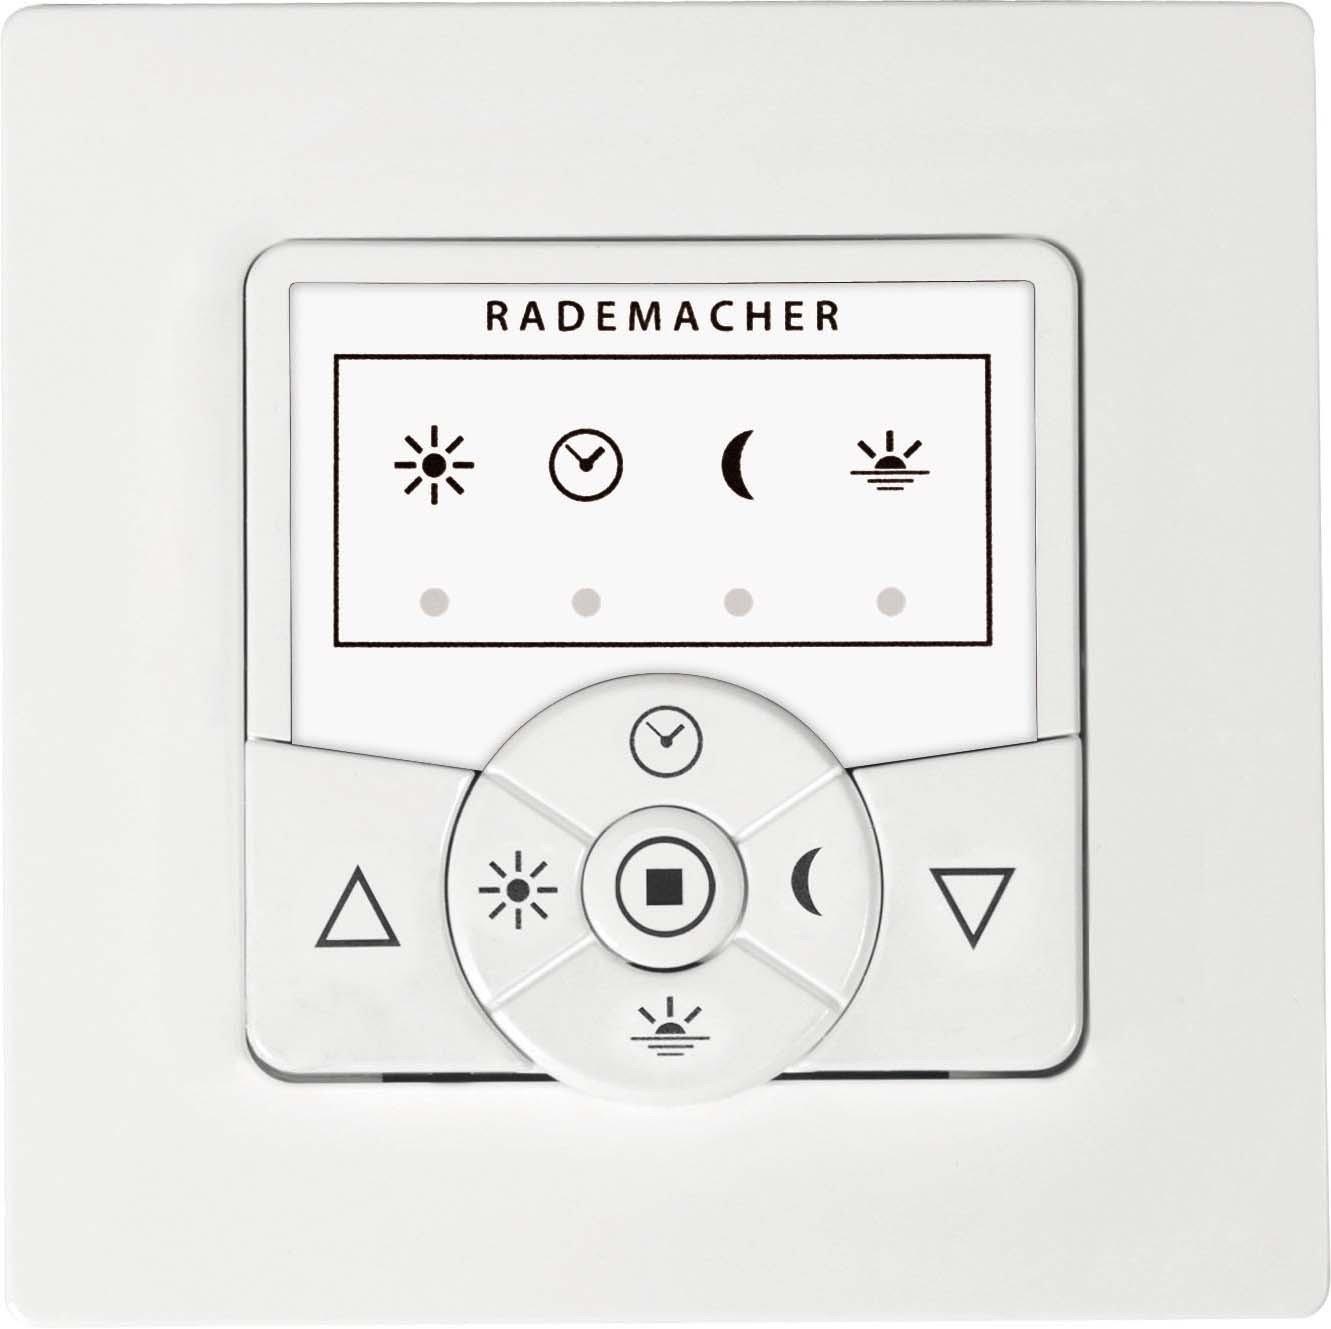 Rademacher 5615UW Troll Basis DuoFern Rollladen ultraweiss  BaumarktKritiken und weitere Informationen